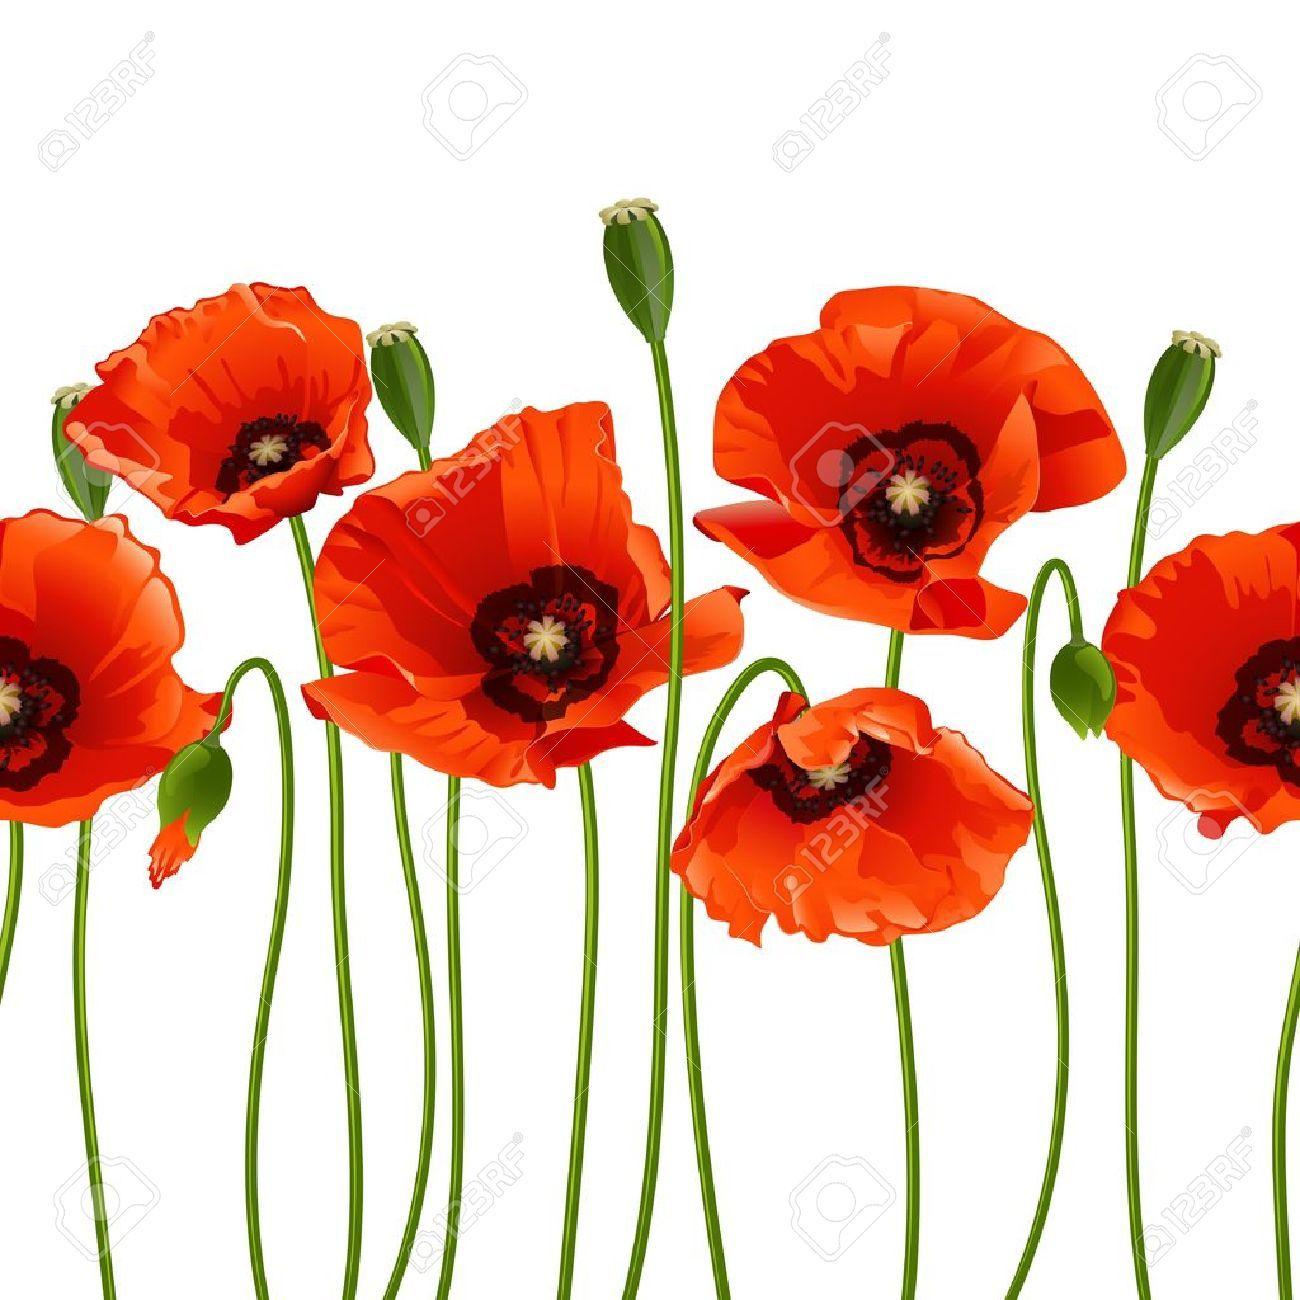 Rote Mohnblumen In Einer Reihe Isoliert Auf Weissem Hintergrund Vektor Illustration Mohn Rot Rote Mohnblumen Mohnblume